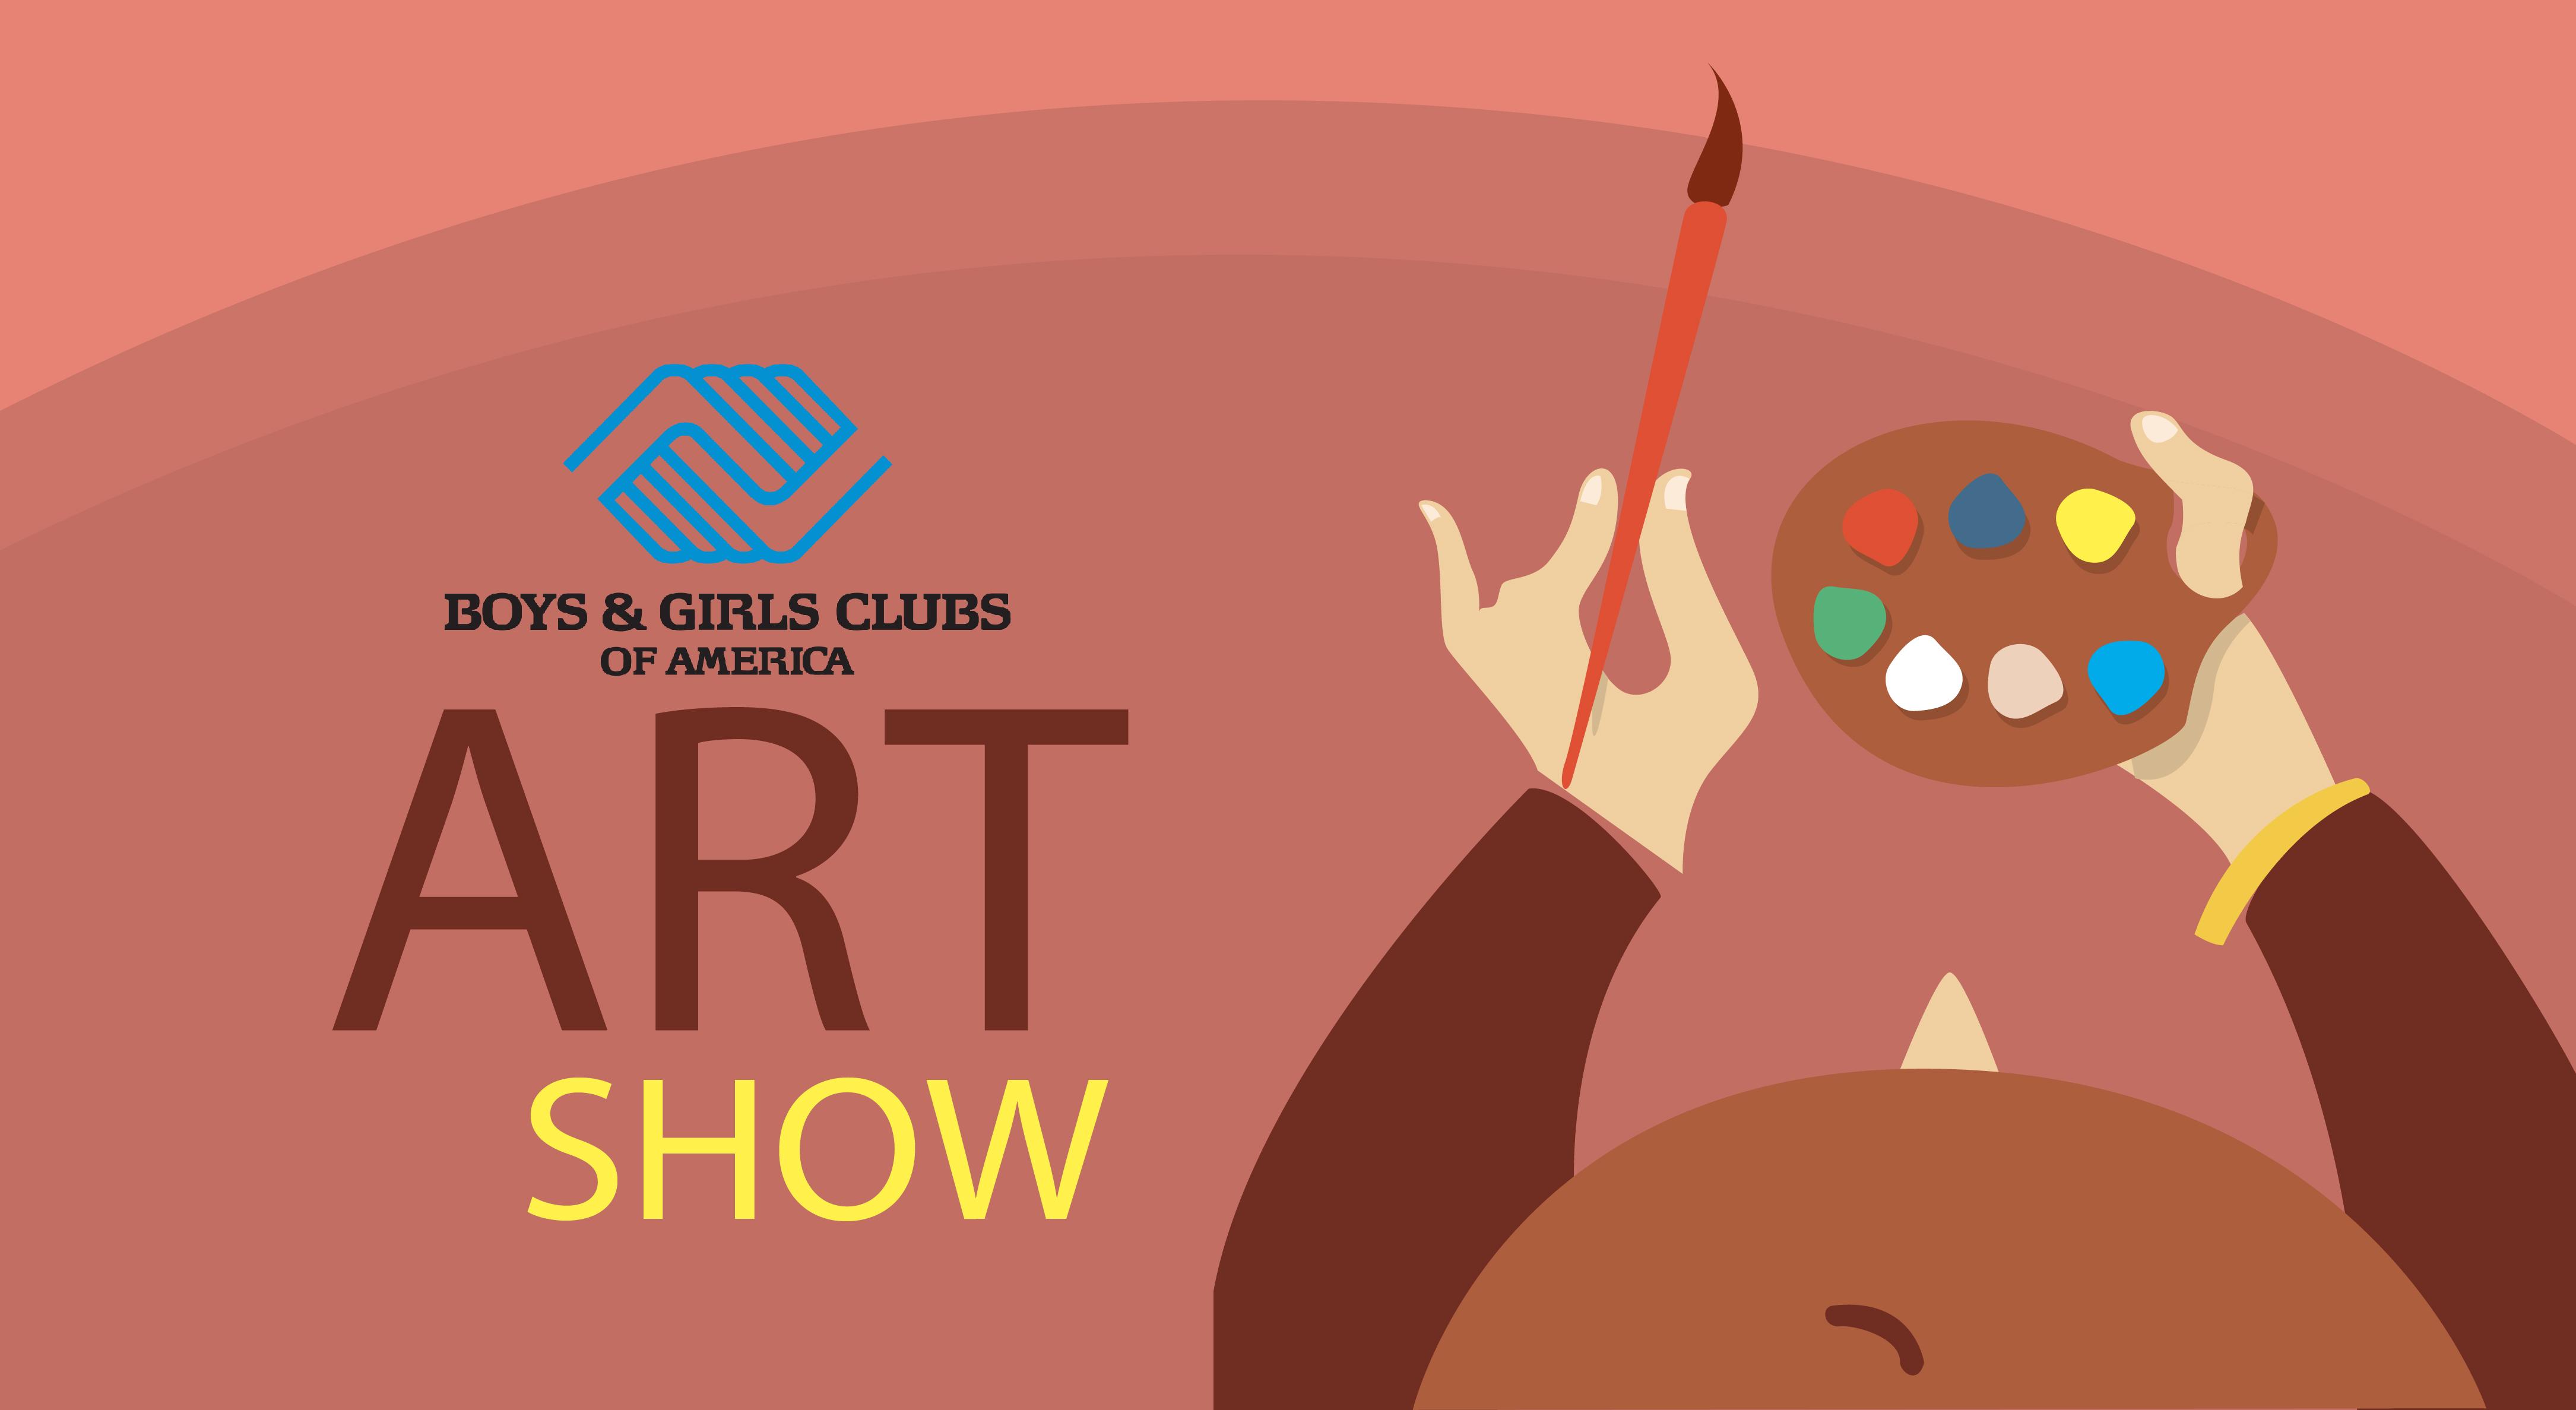 BGCA Annual Art Show